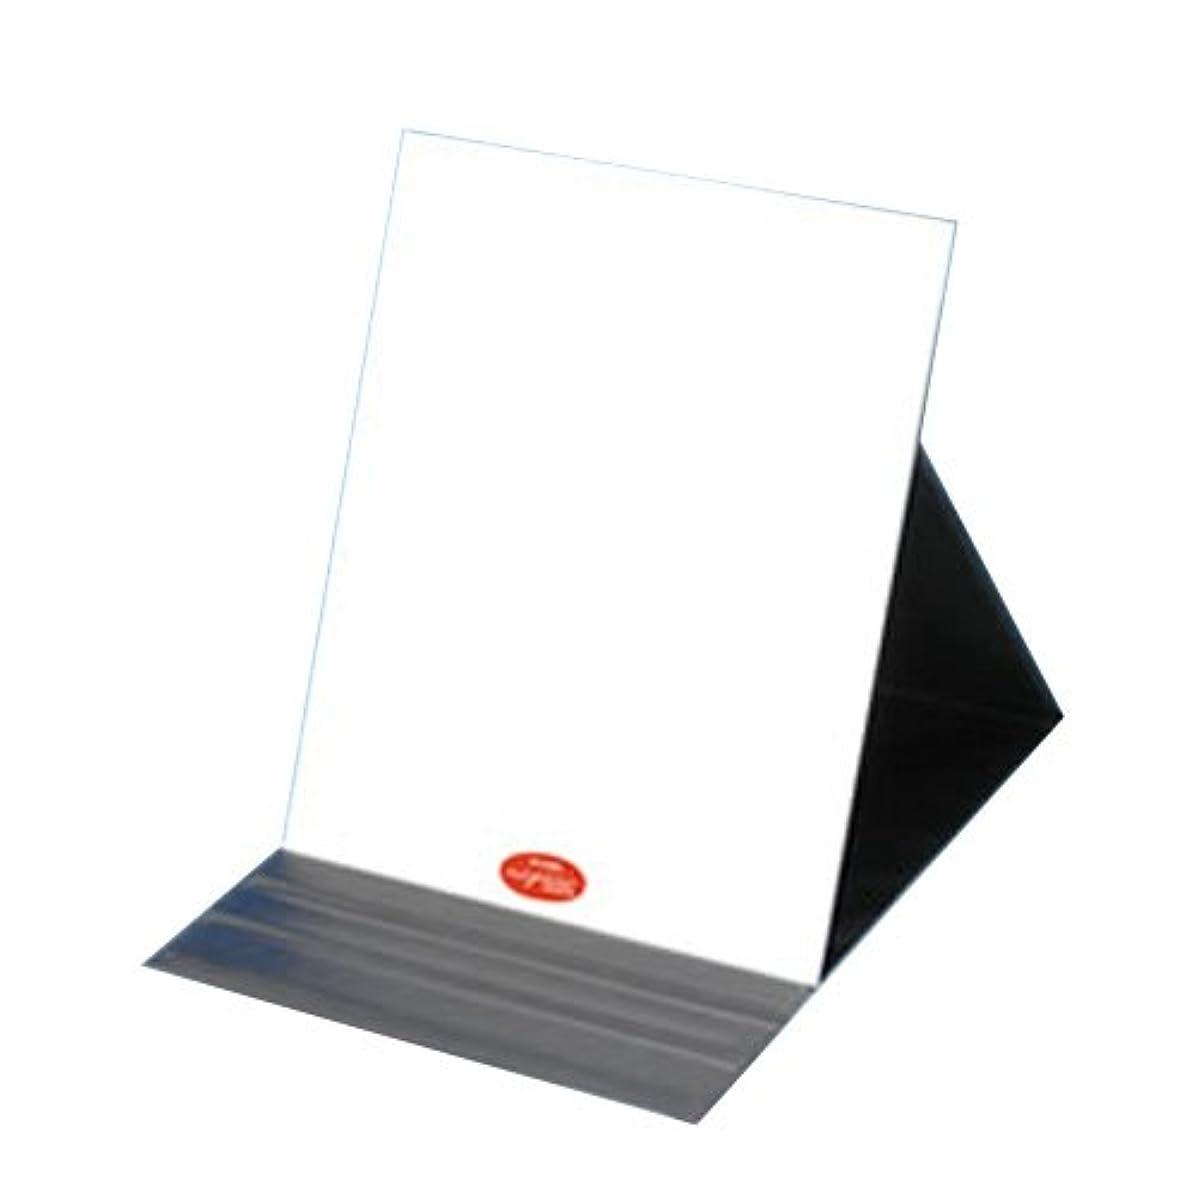 エゴマニア集中的な制裁堀内鏡工業 ナピュア プロモデル角度調整3段階付き折立ミラー エコLL 単品